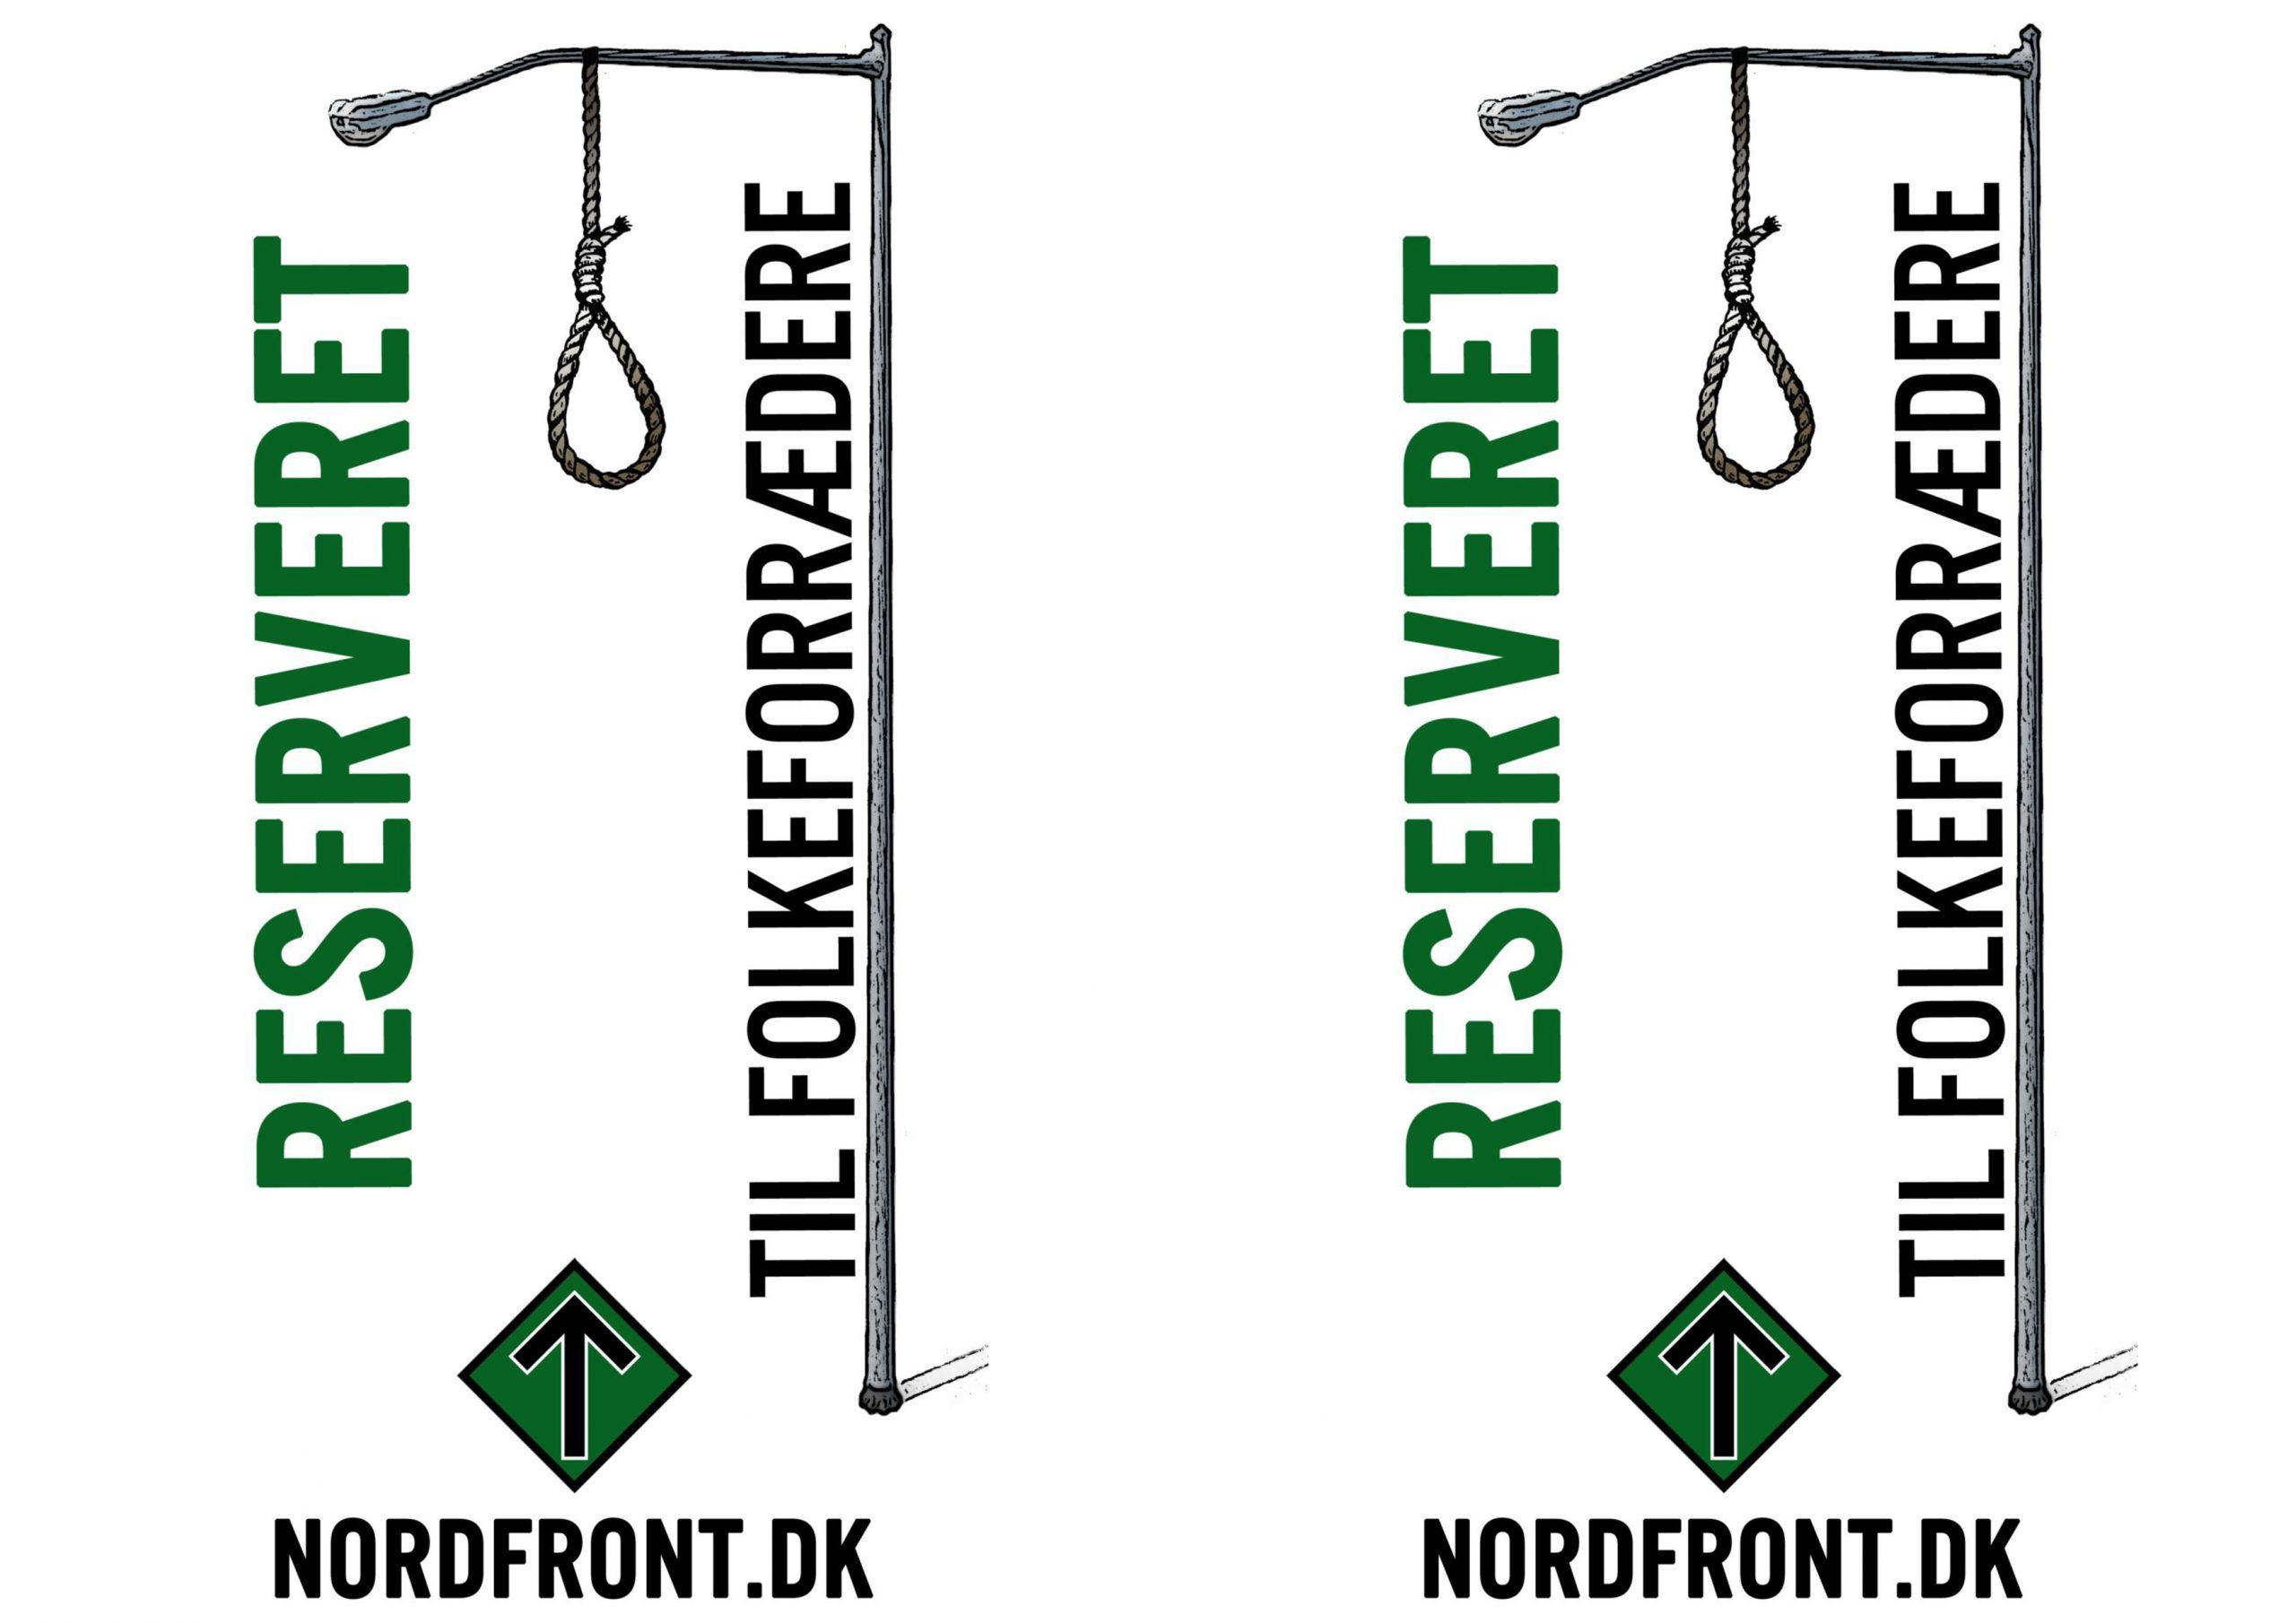 """Den Nordiske Modstandsbevægelse ligger i deres propaganda ikke skjul på deres ønske om at hænge """"folkeforrædere"""" i lygtepæle. Organisationen bruger ofte begrebet som skældsord om netop politikere. Foto: Den Nordiske Modstandsbevægelse."""